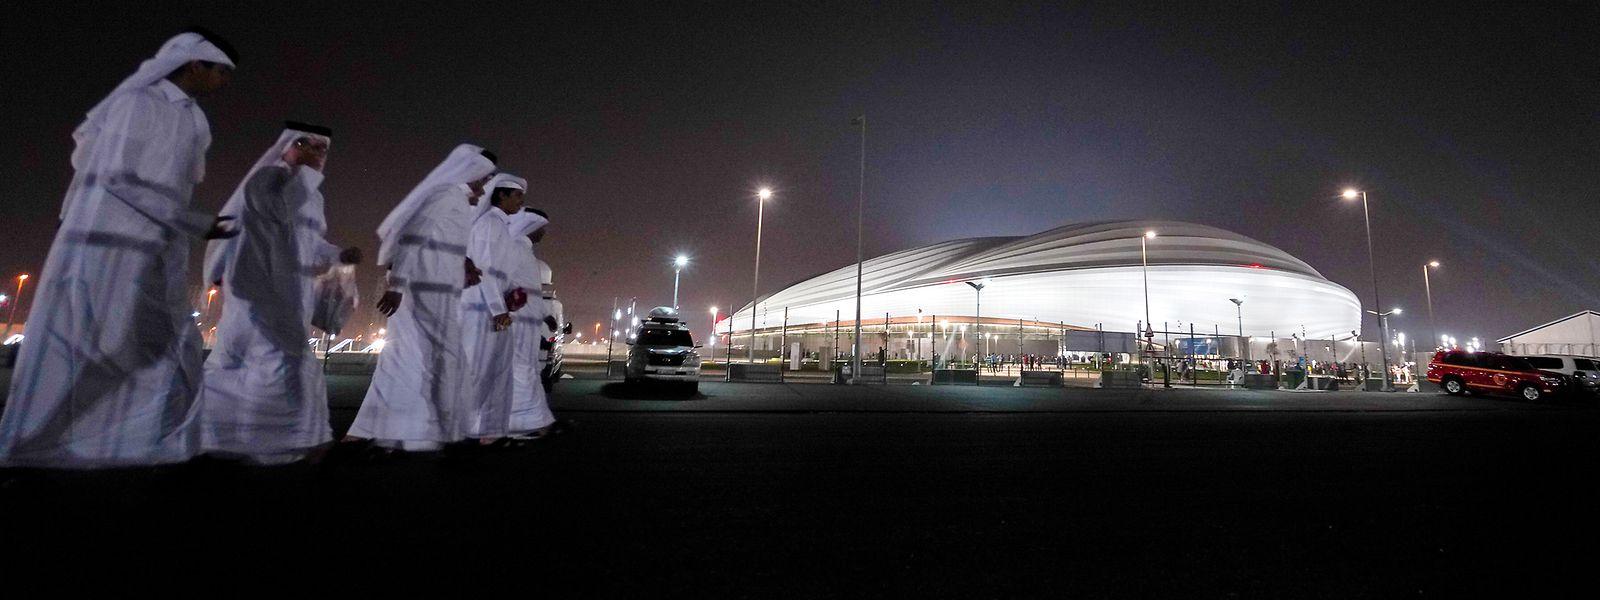 Die Fußball-WM in Katar wirft ihre Schatten voraus.